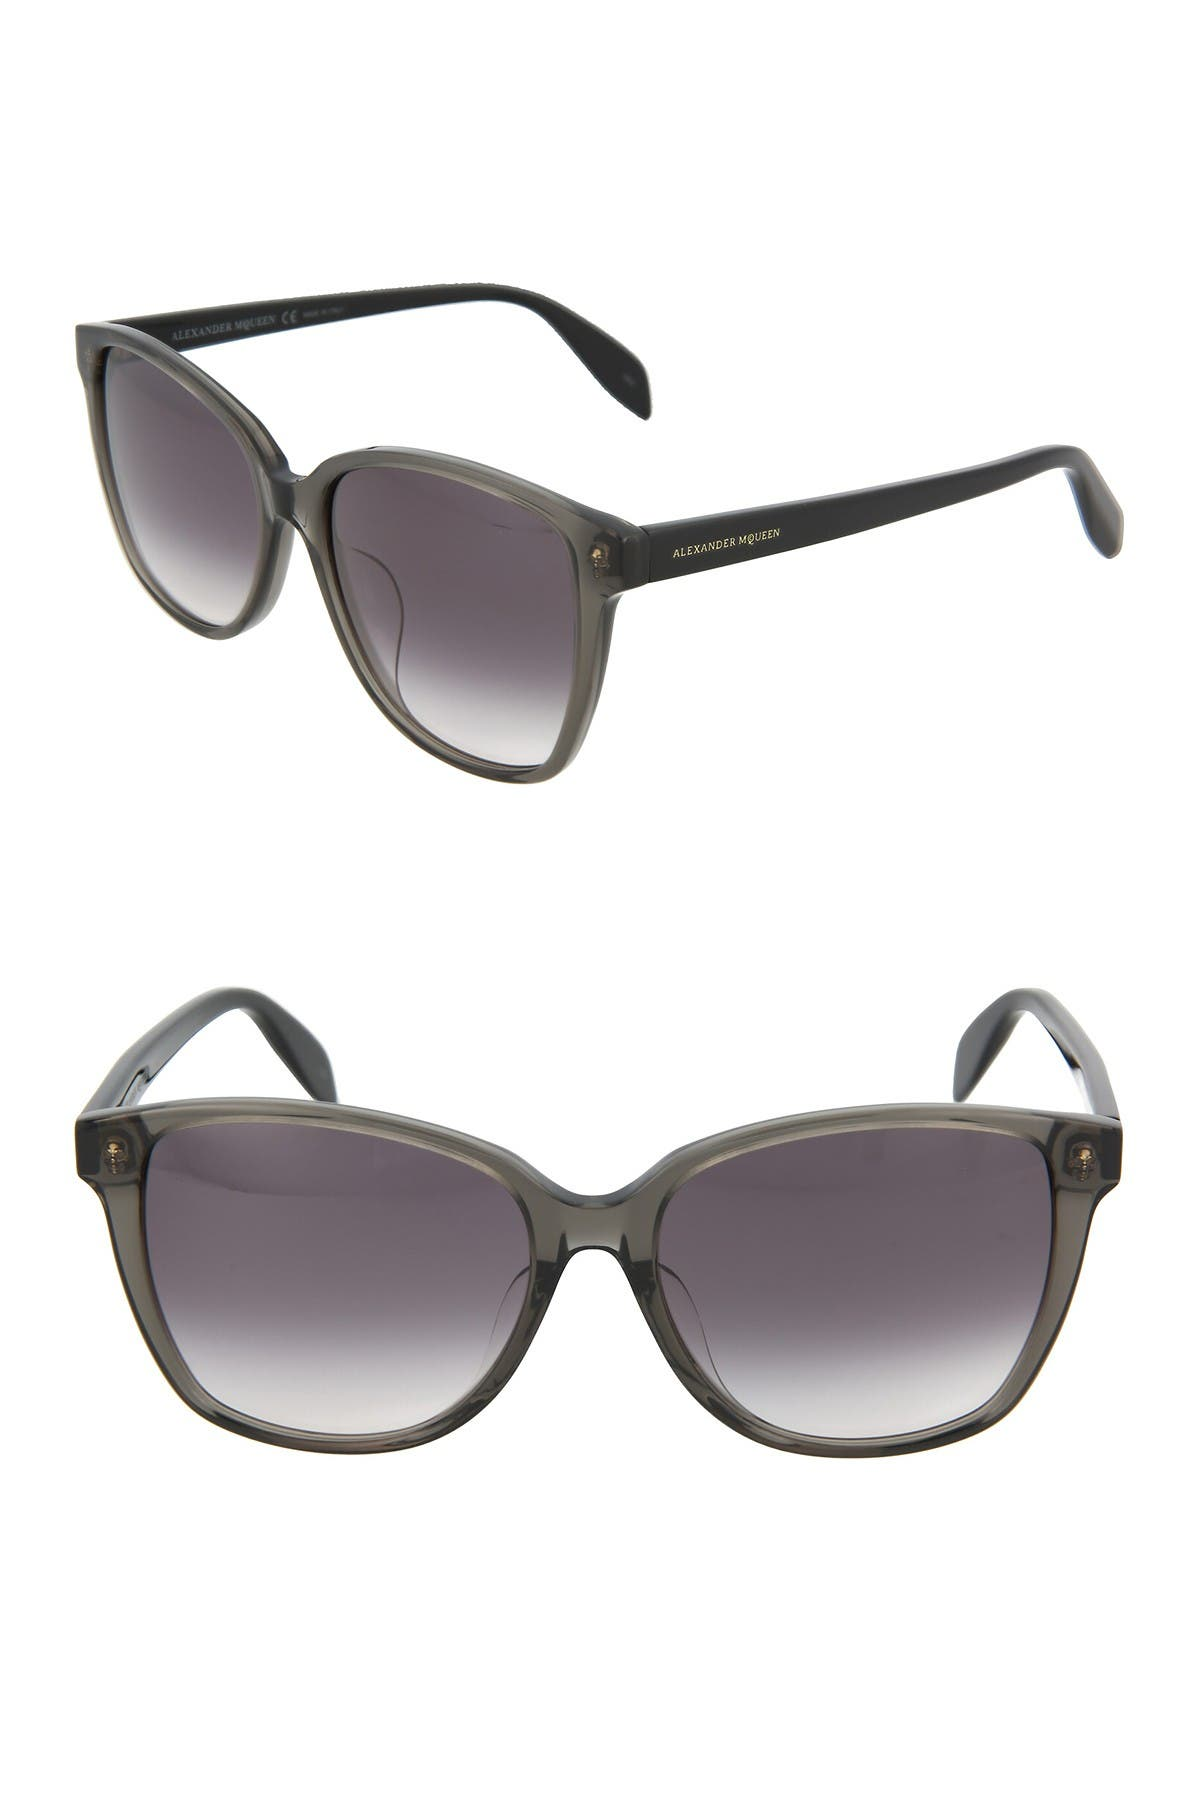 Image of Alexander McQueen 57mm Oversized Sunglasses